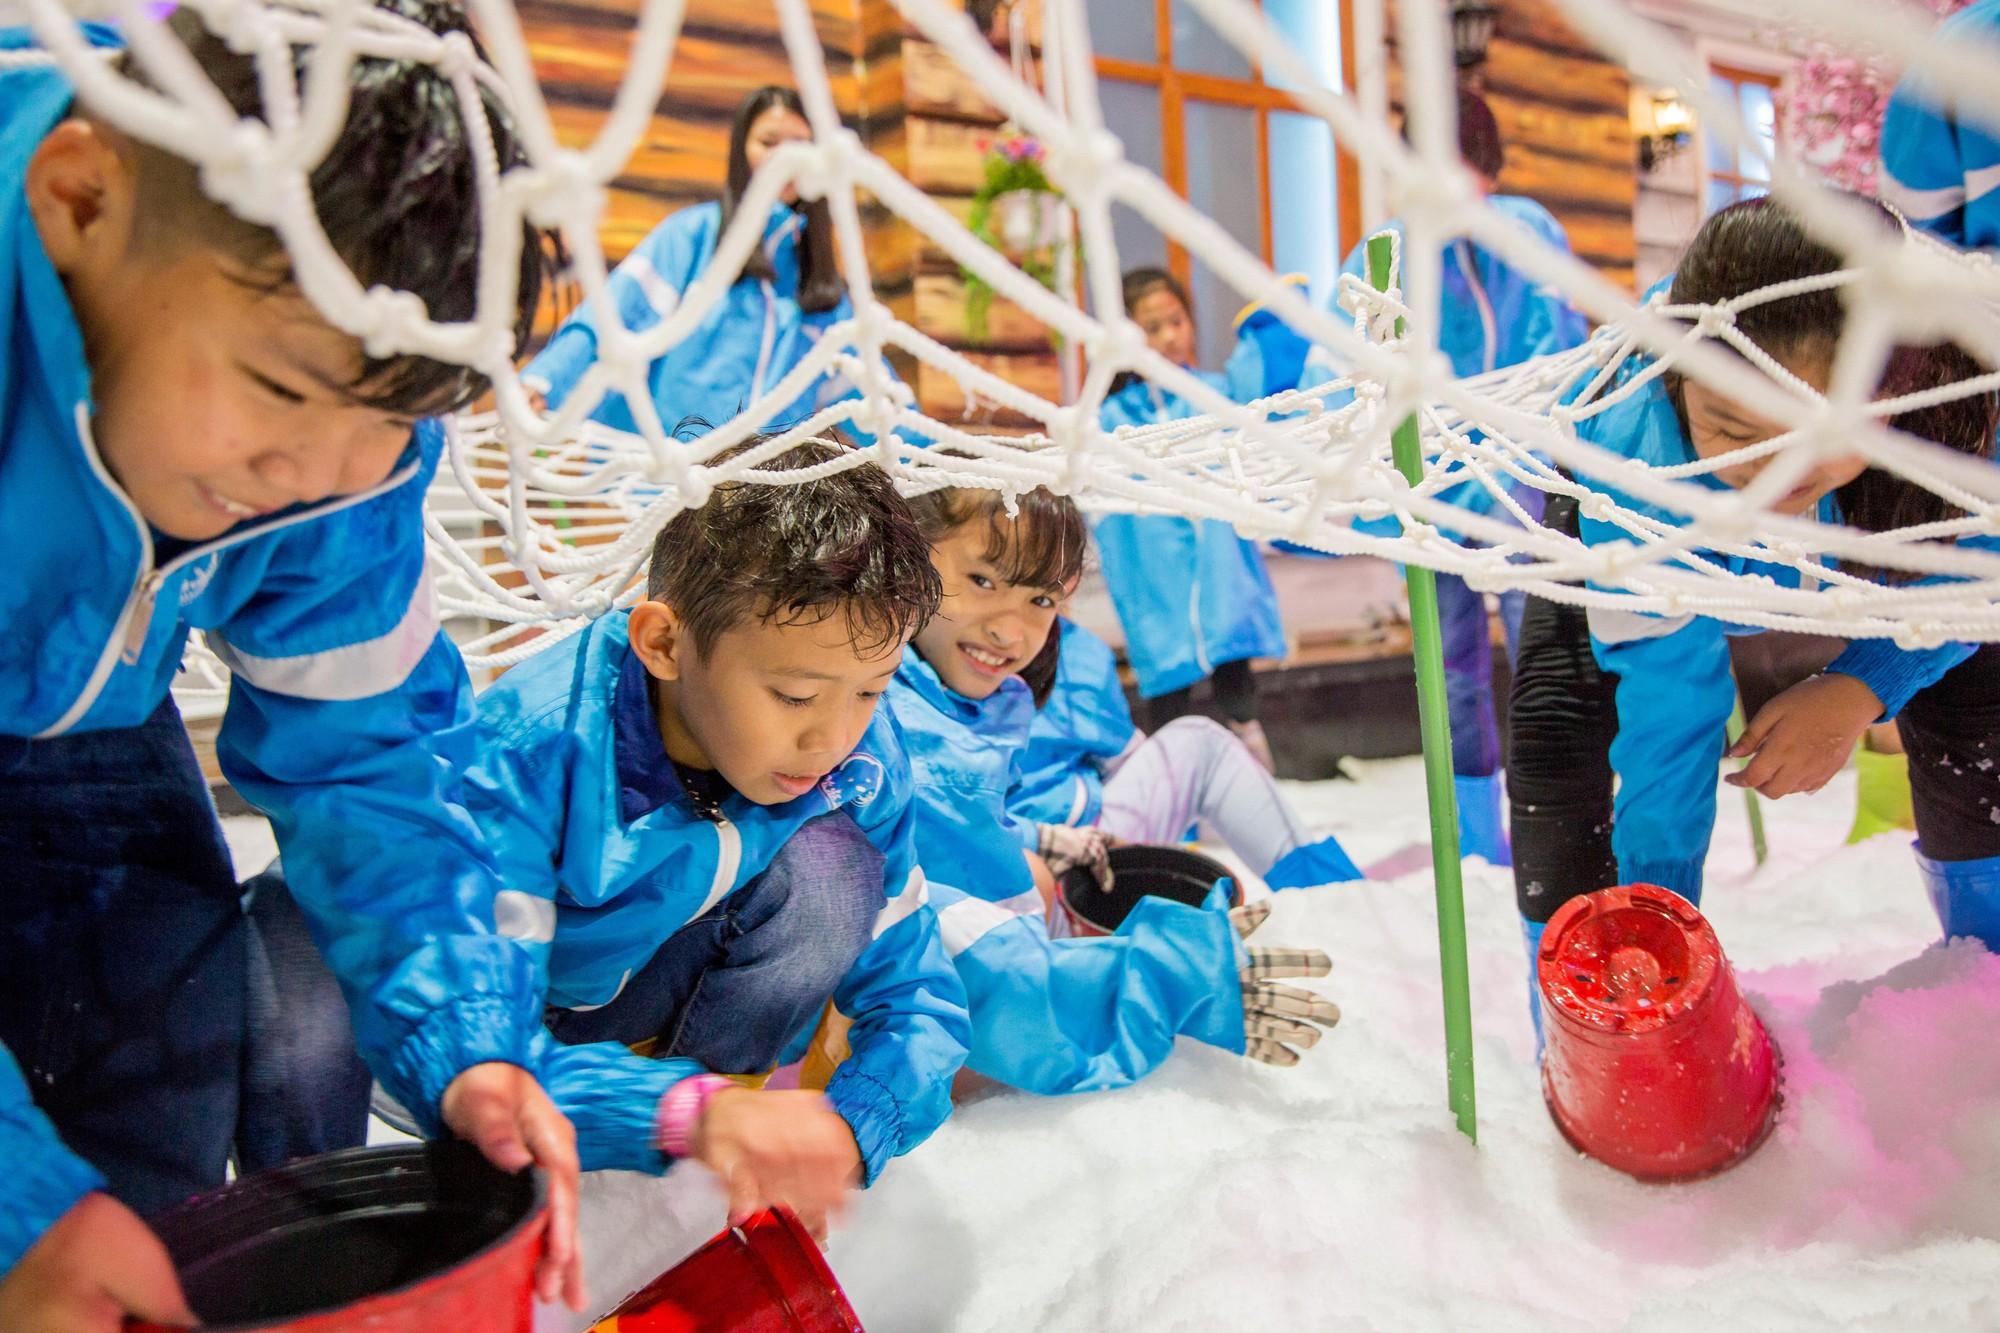 Hạ nhiệt lễ 30/4 tại căn cứ mùa đông Thị trấn Tuyết - Ảnh 6.